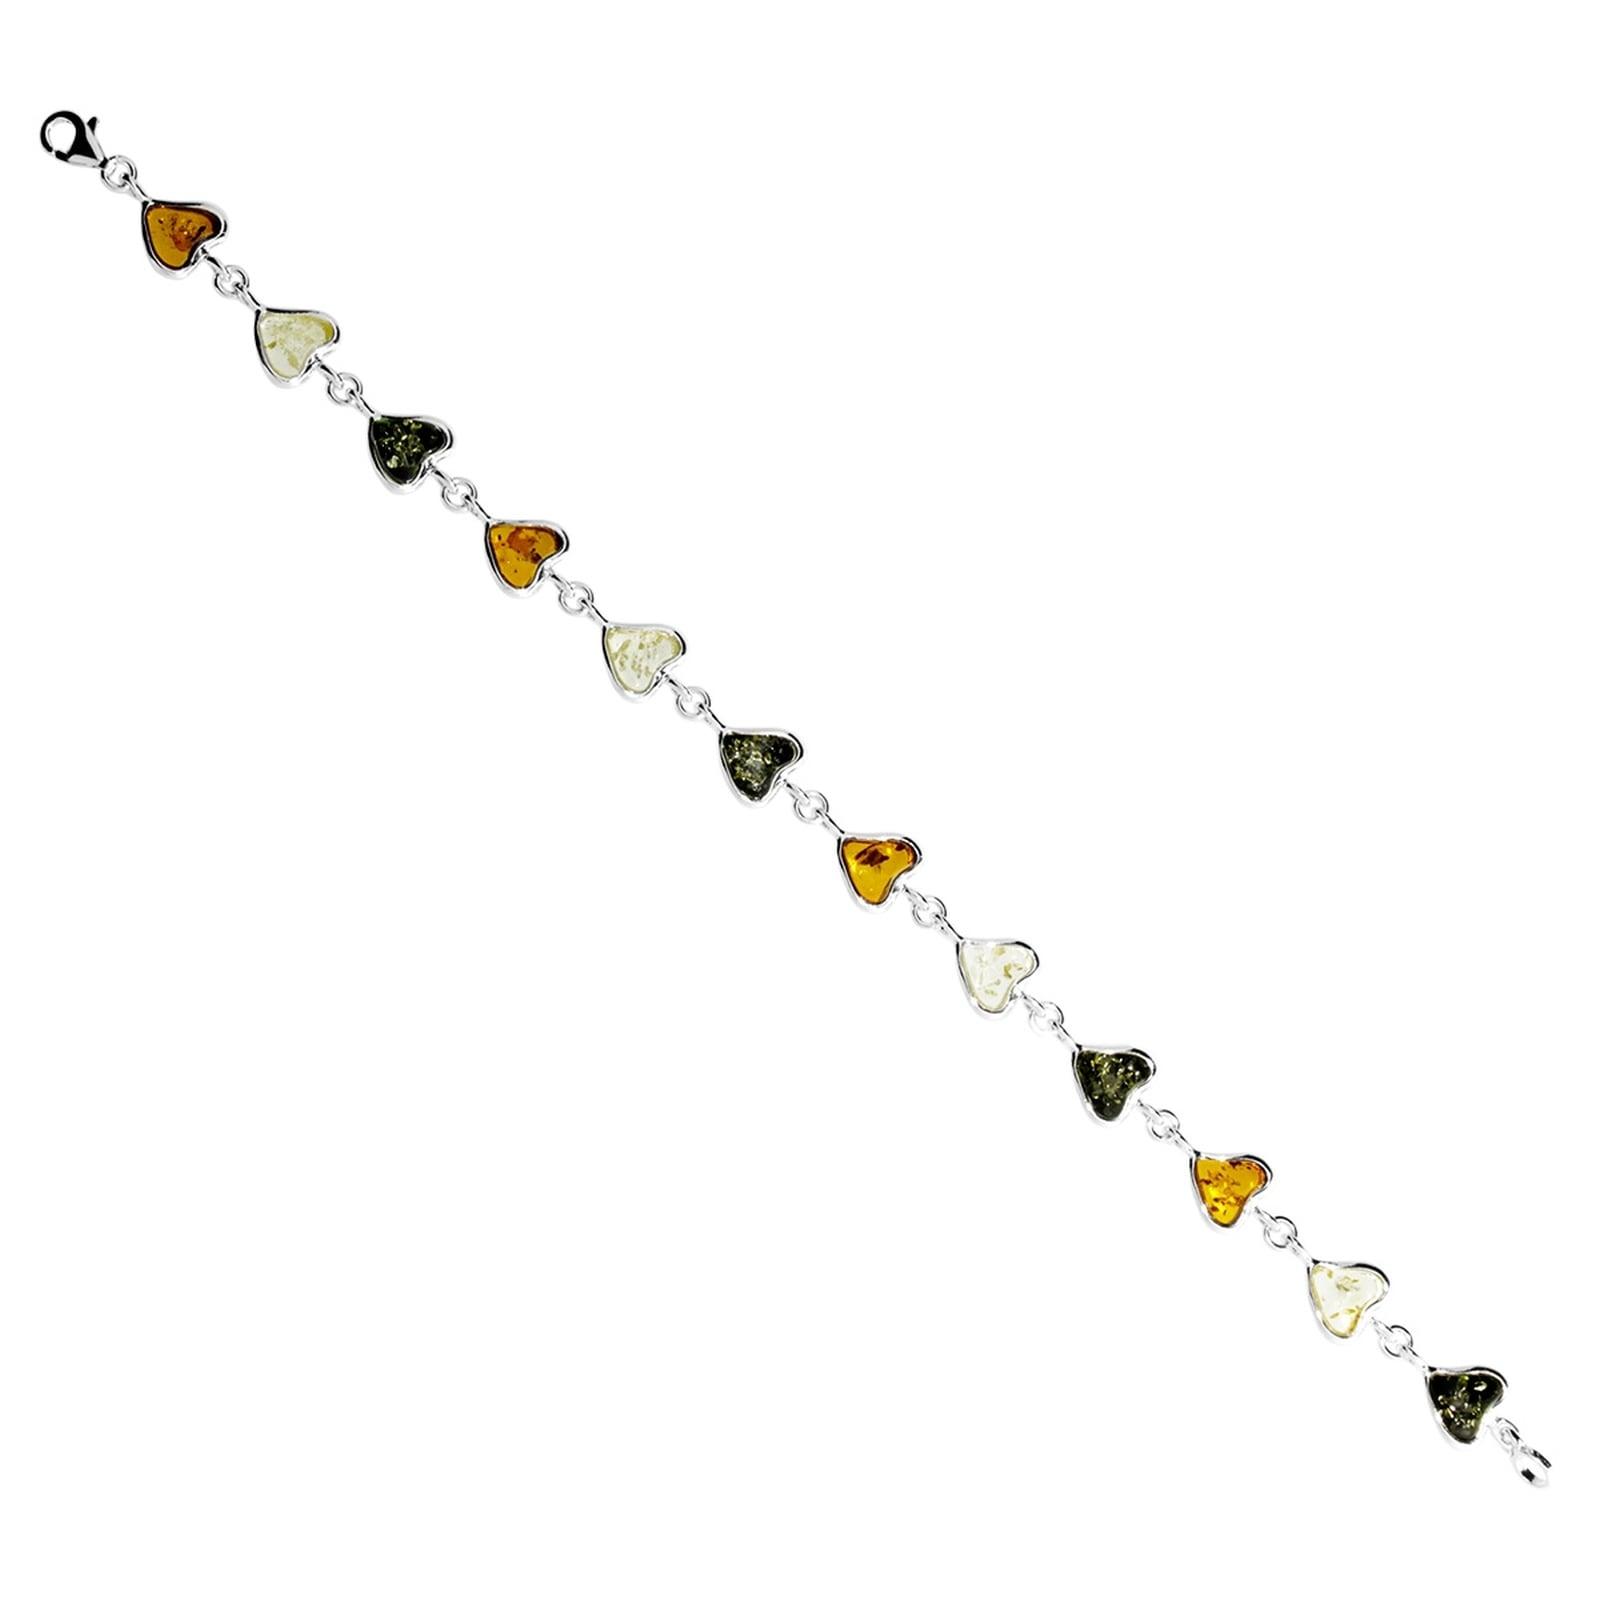 OSTSEE-SCHMUCK Armband Herz Silber 925/000 Bernstein | Schmuck > Armbänder | Ostsee-Schmuck